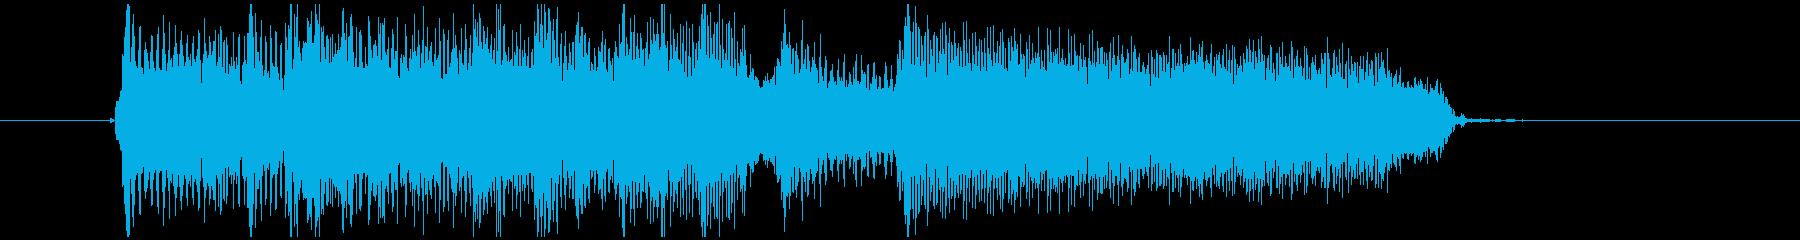 場の雰囲気を変えるギターロックジングルの再生済みの波形